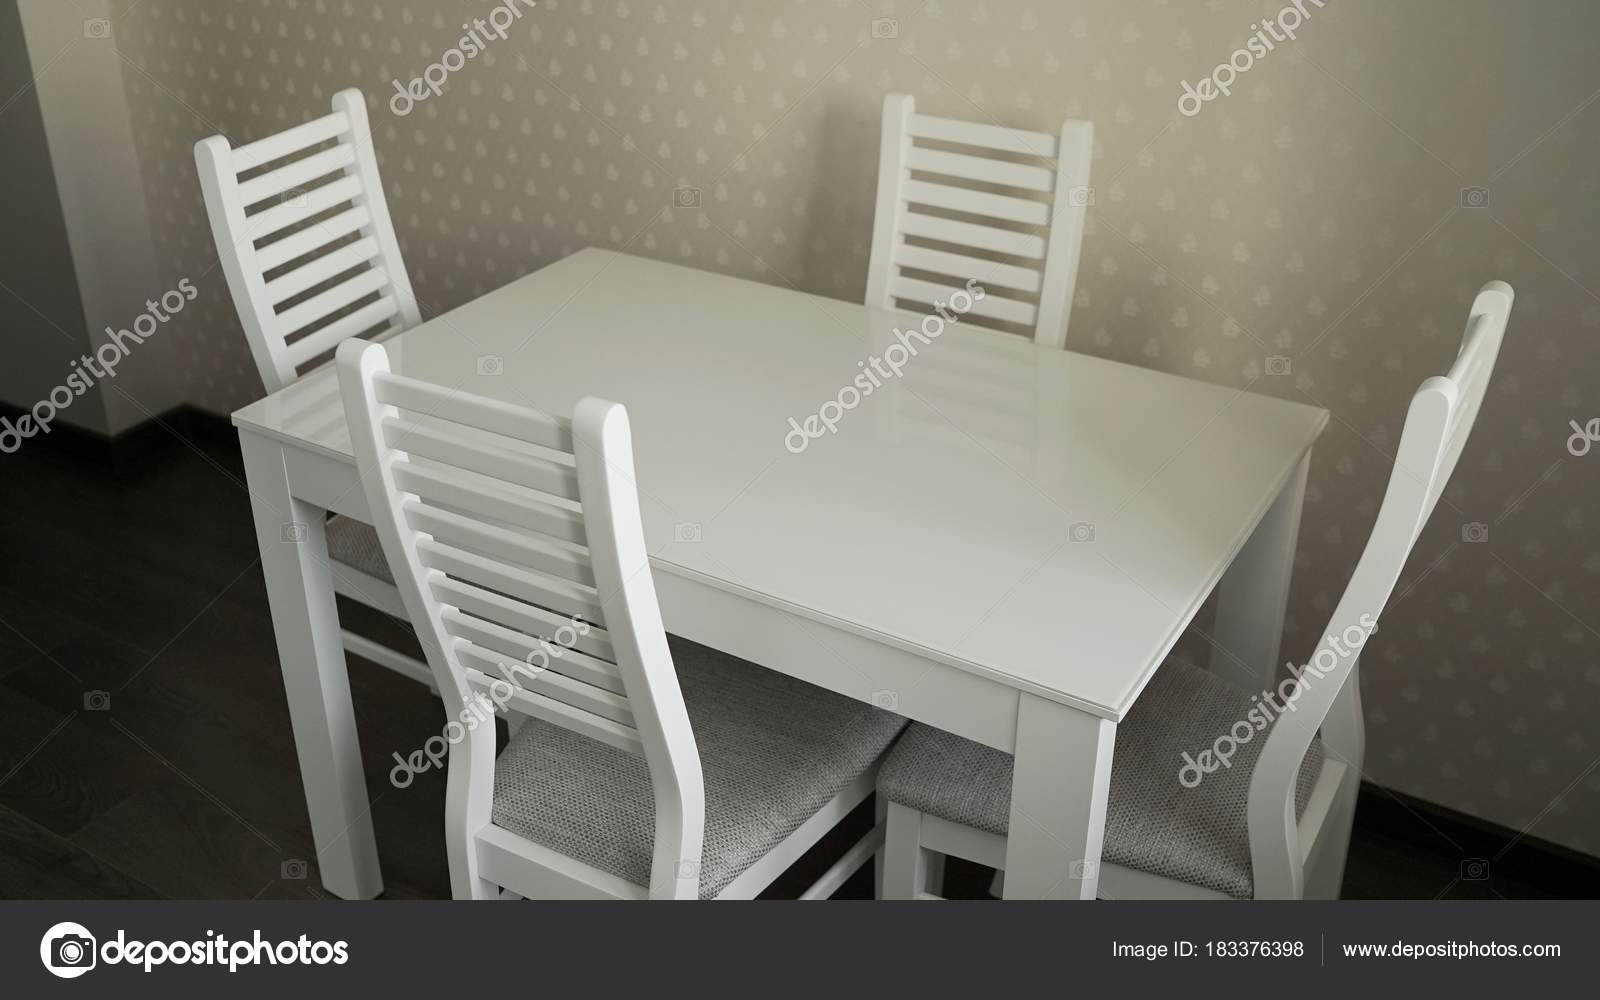 Küchentisch Mit Stühlen Küche Tisch Und Stühle Der Küche Stockfoto